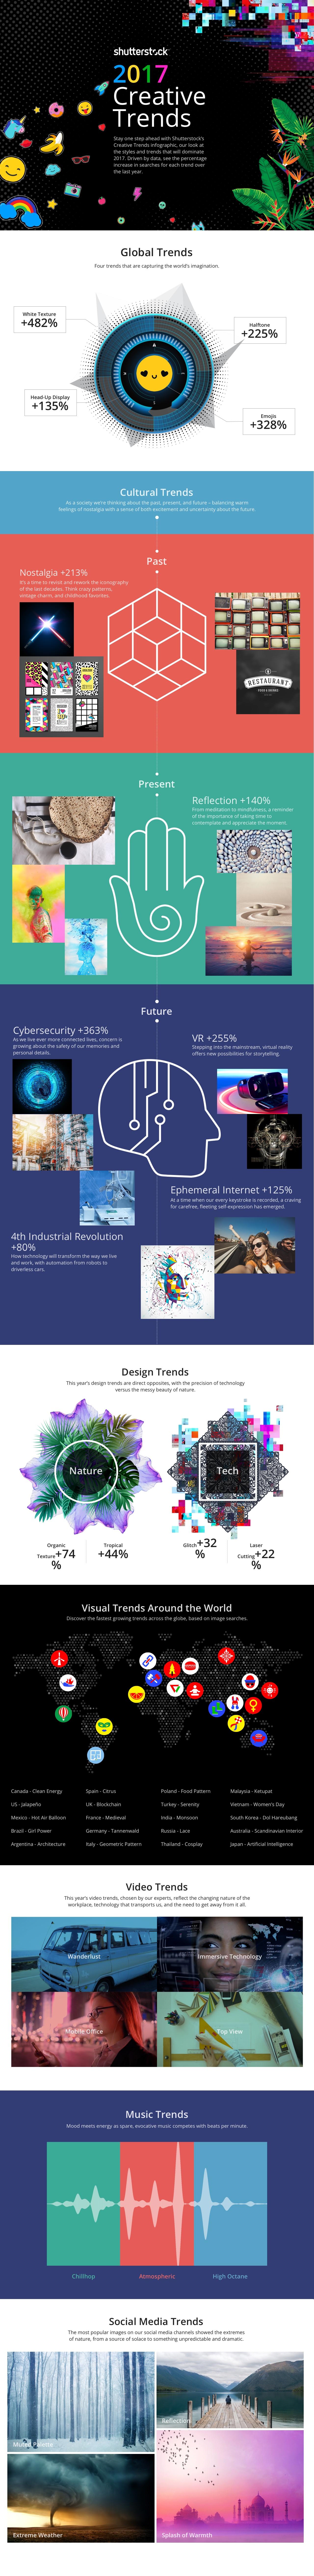 Les tendances créatives de 2017 selon Shutterstock